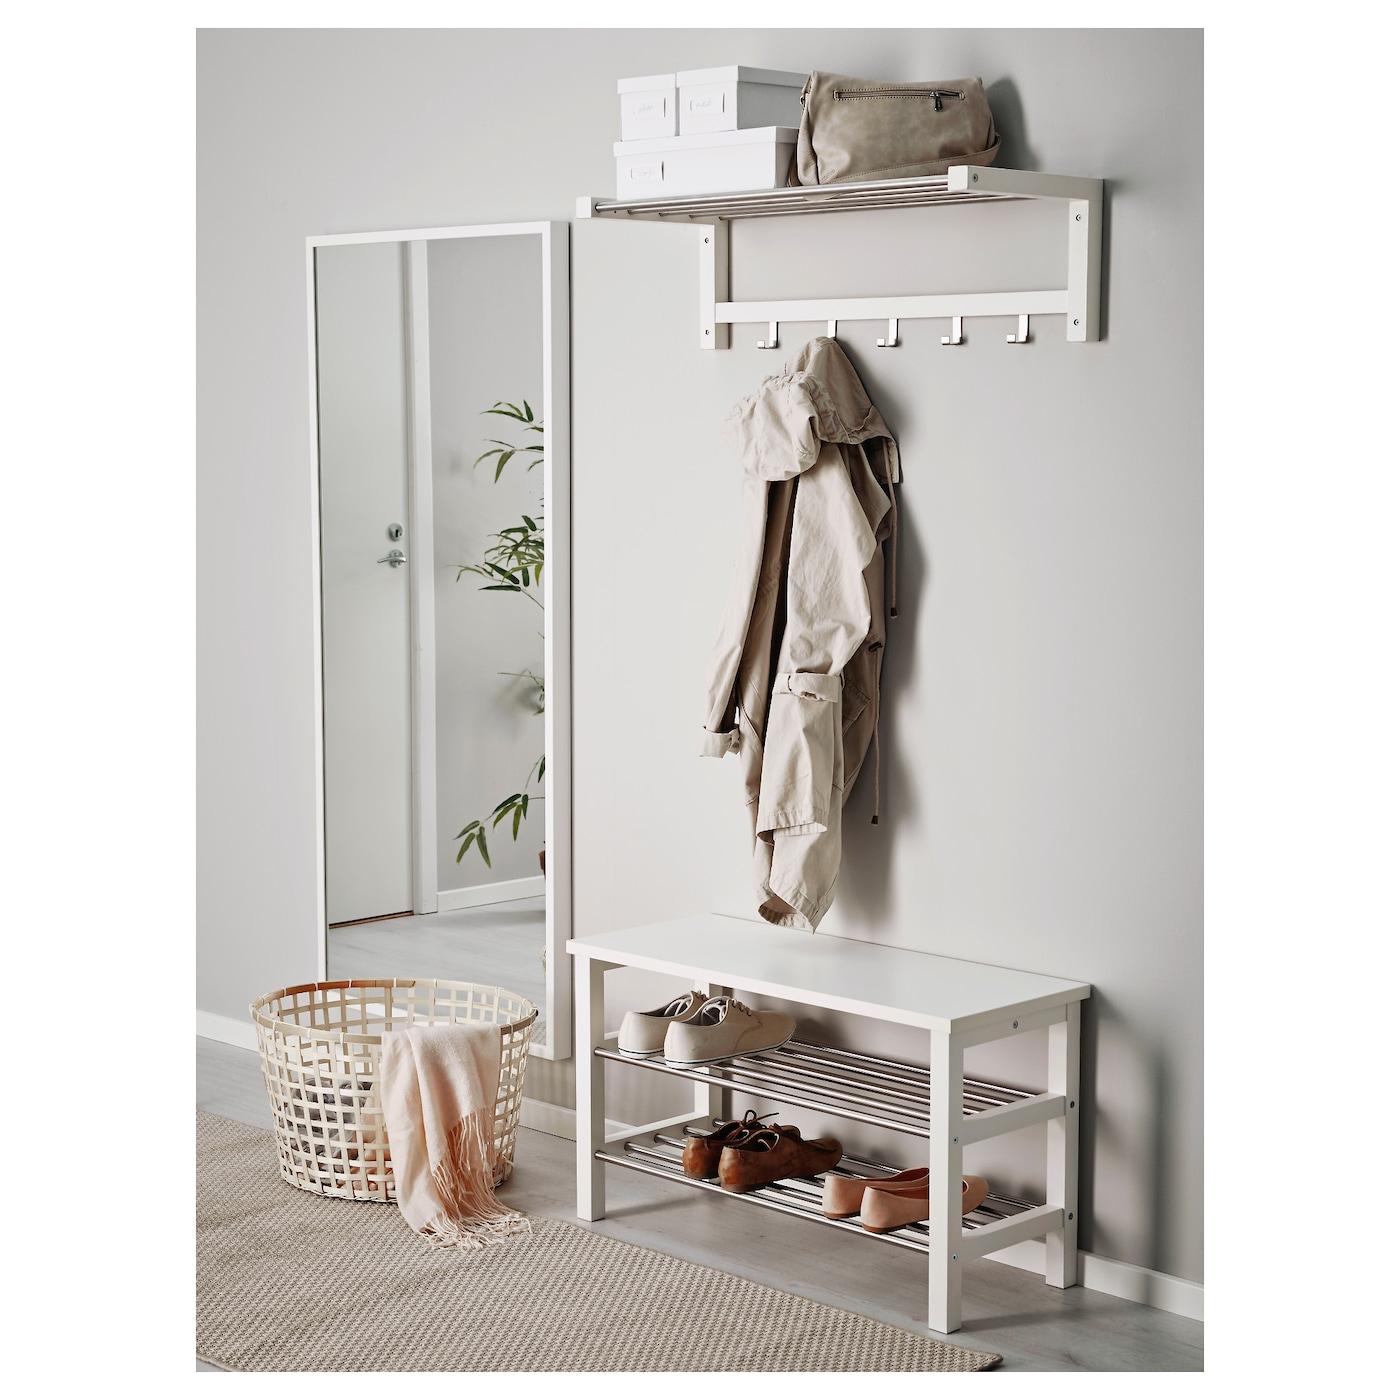 Tjusig bank met schoenenrek wit 81x50 cm ikea - Ikea flurgarderobe ...